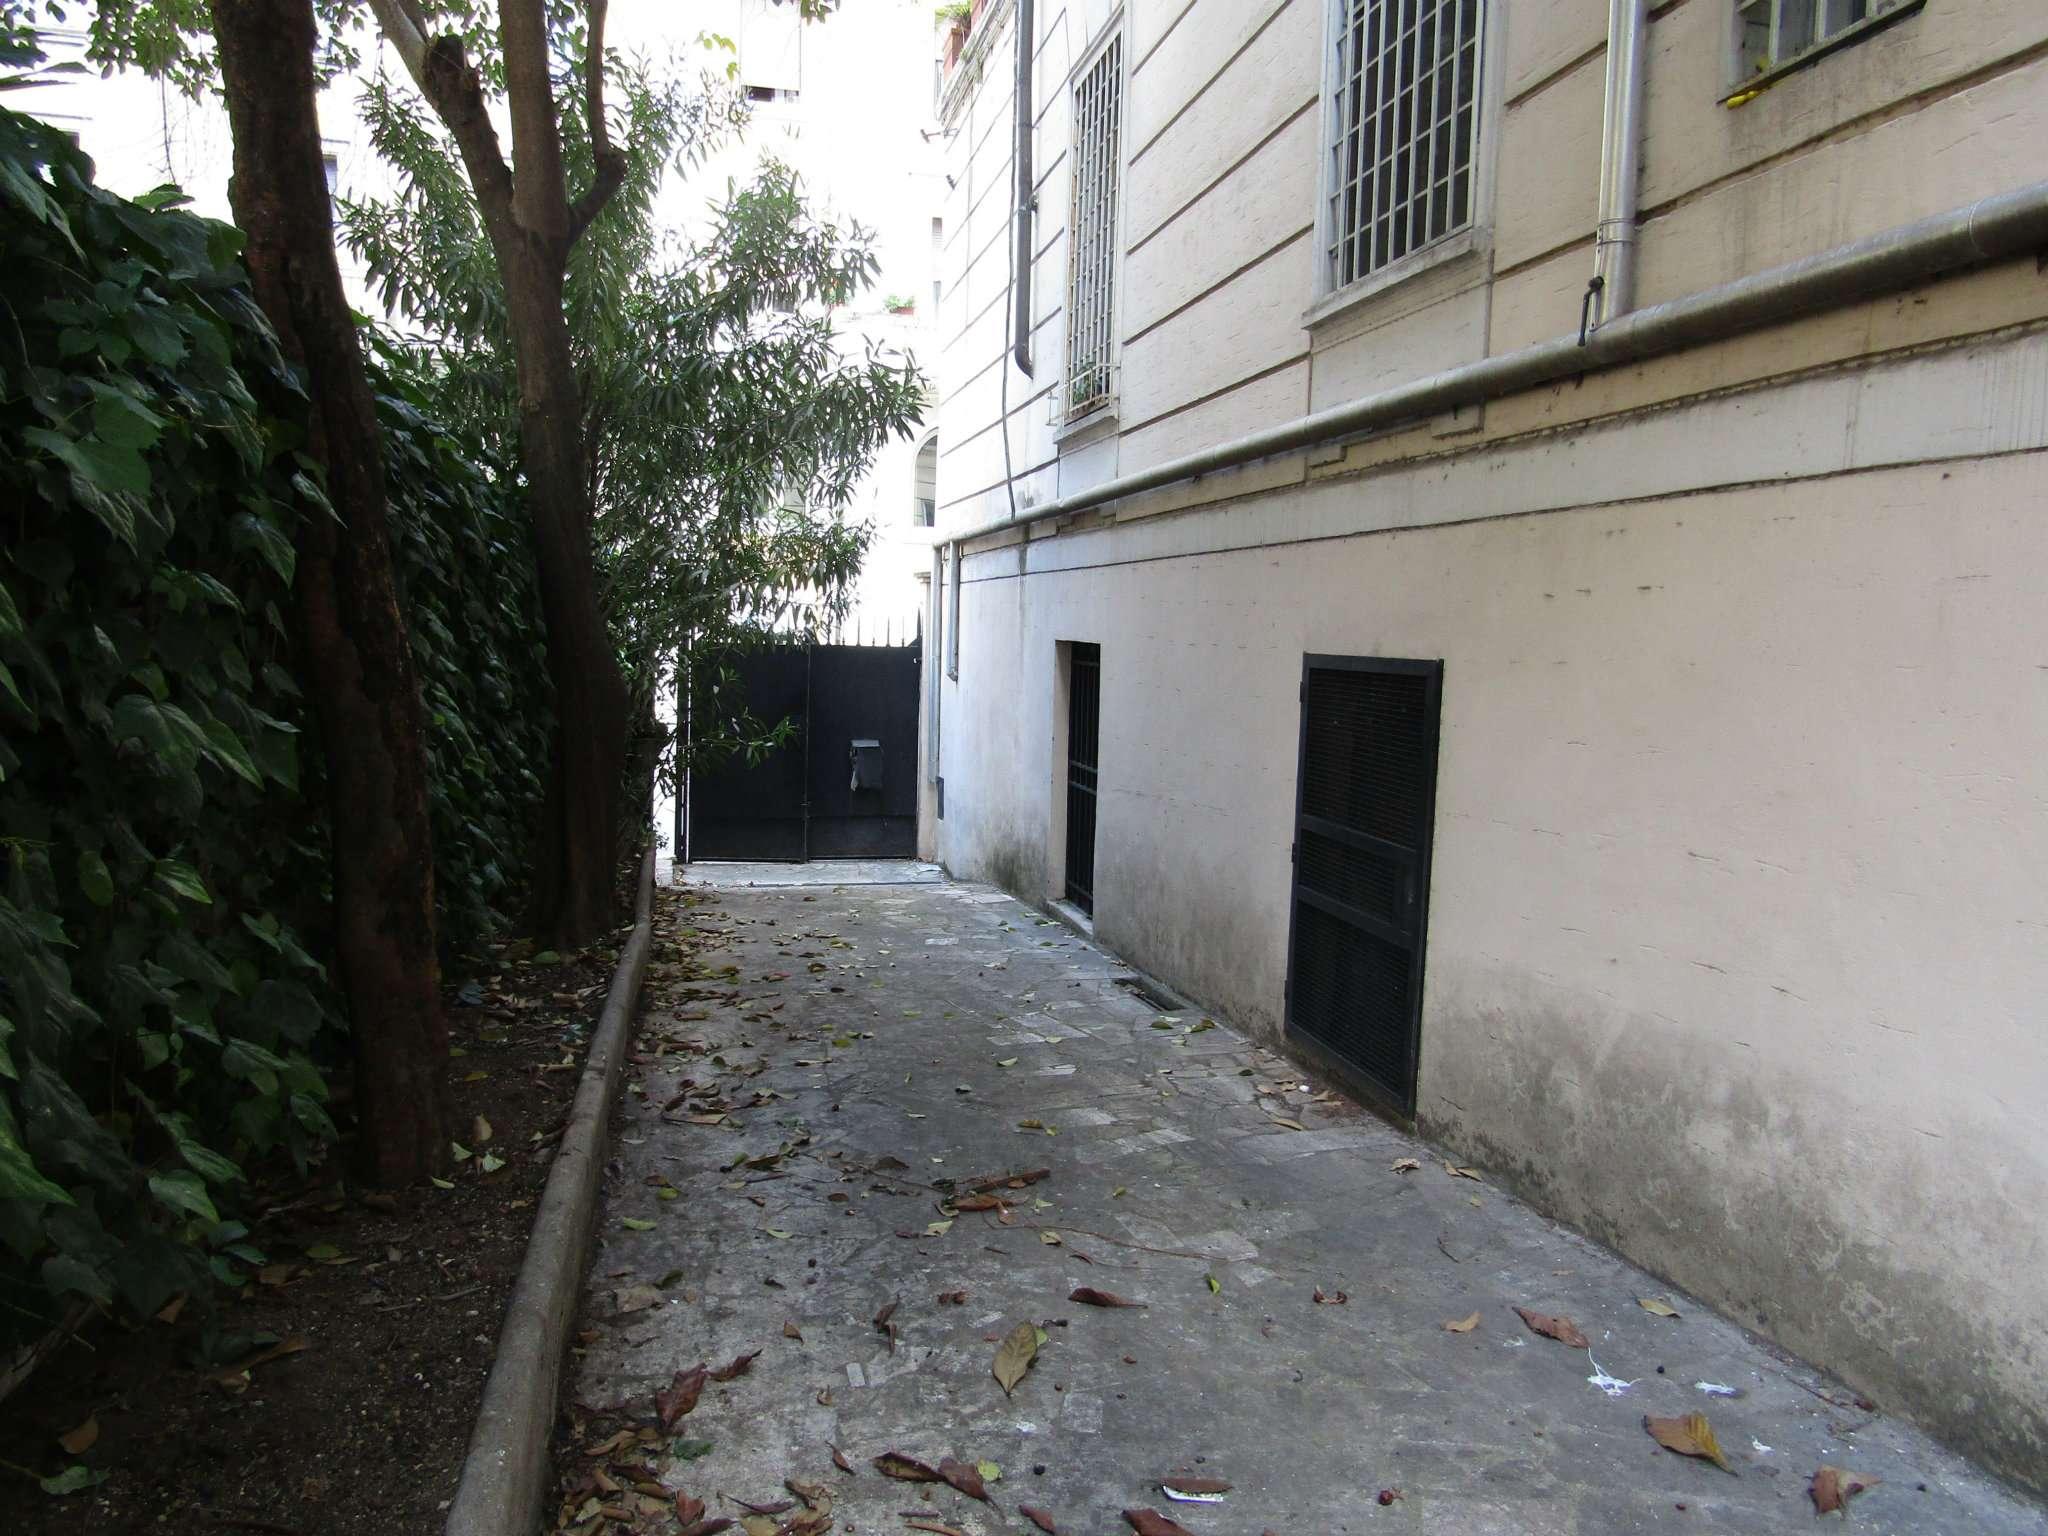 Soluzione Indipendente in vendita a Roma, 6 locali, zona Zona: 3 . Trieste - Somalia - Salario, prezzo € 900.000 | CambioCasa.it